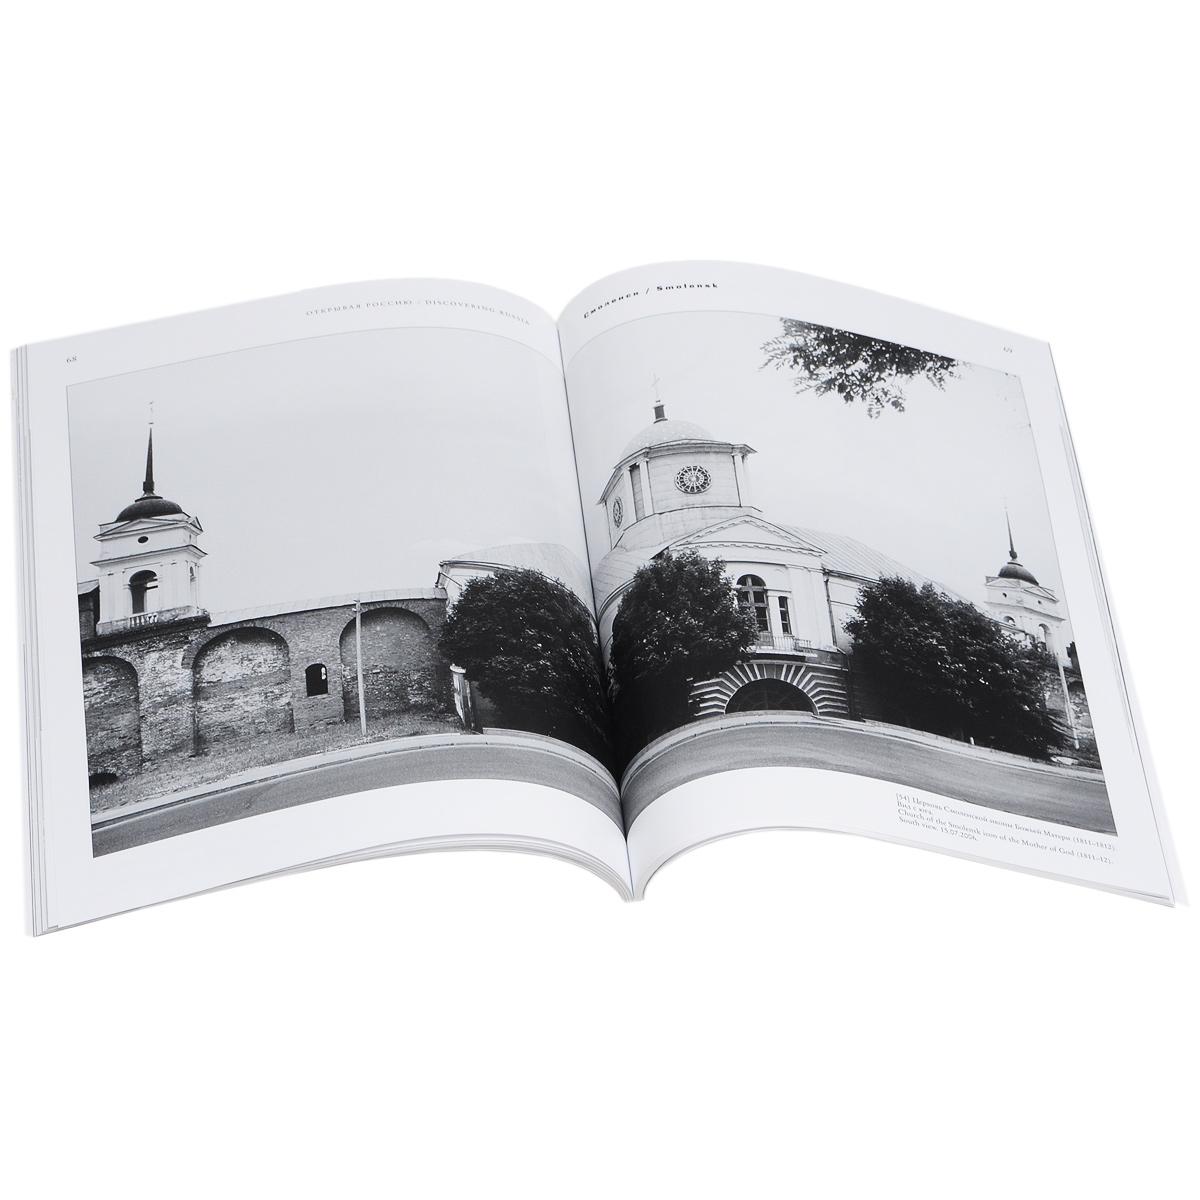 Смоленск. Архитектурное наследие в фотографиях / Smolensk: Architectural Heritage in Photographs